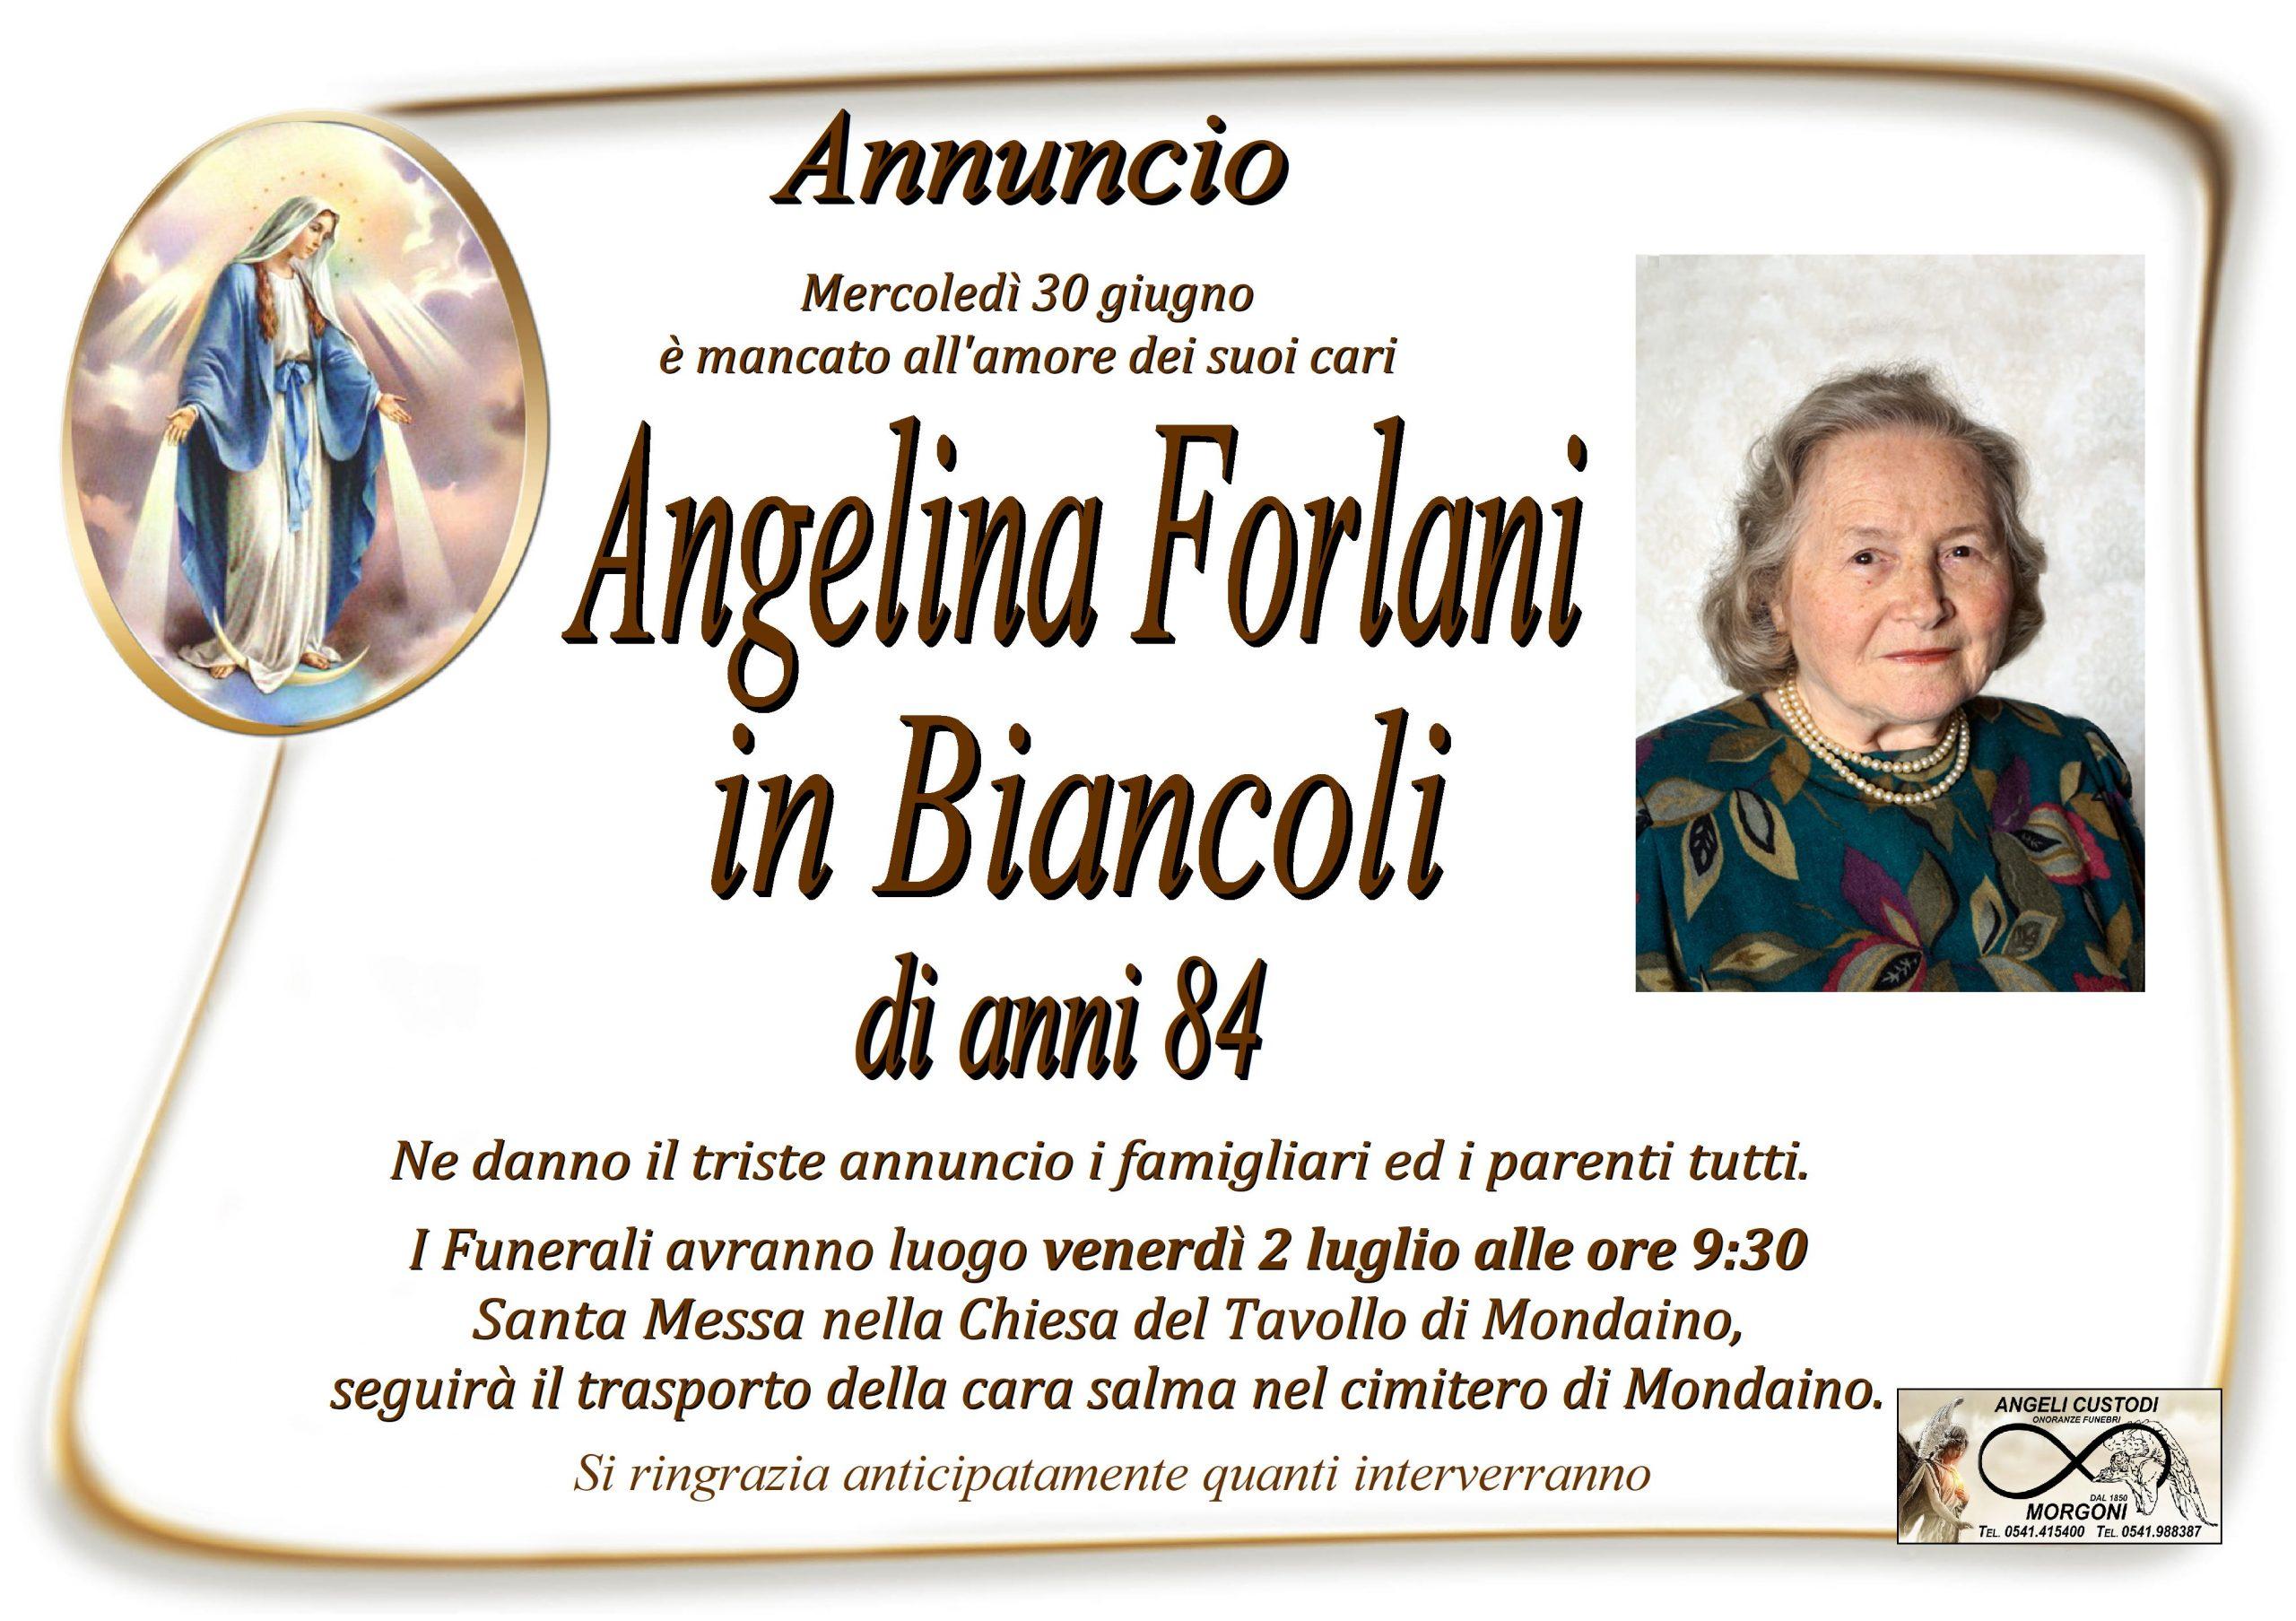 Ricordiamo Annuncio  Forlani Angelina in Biancoli        – di anni 84